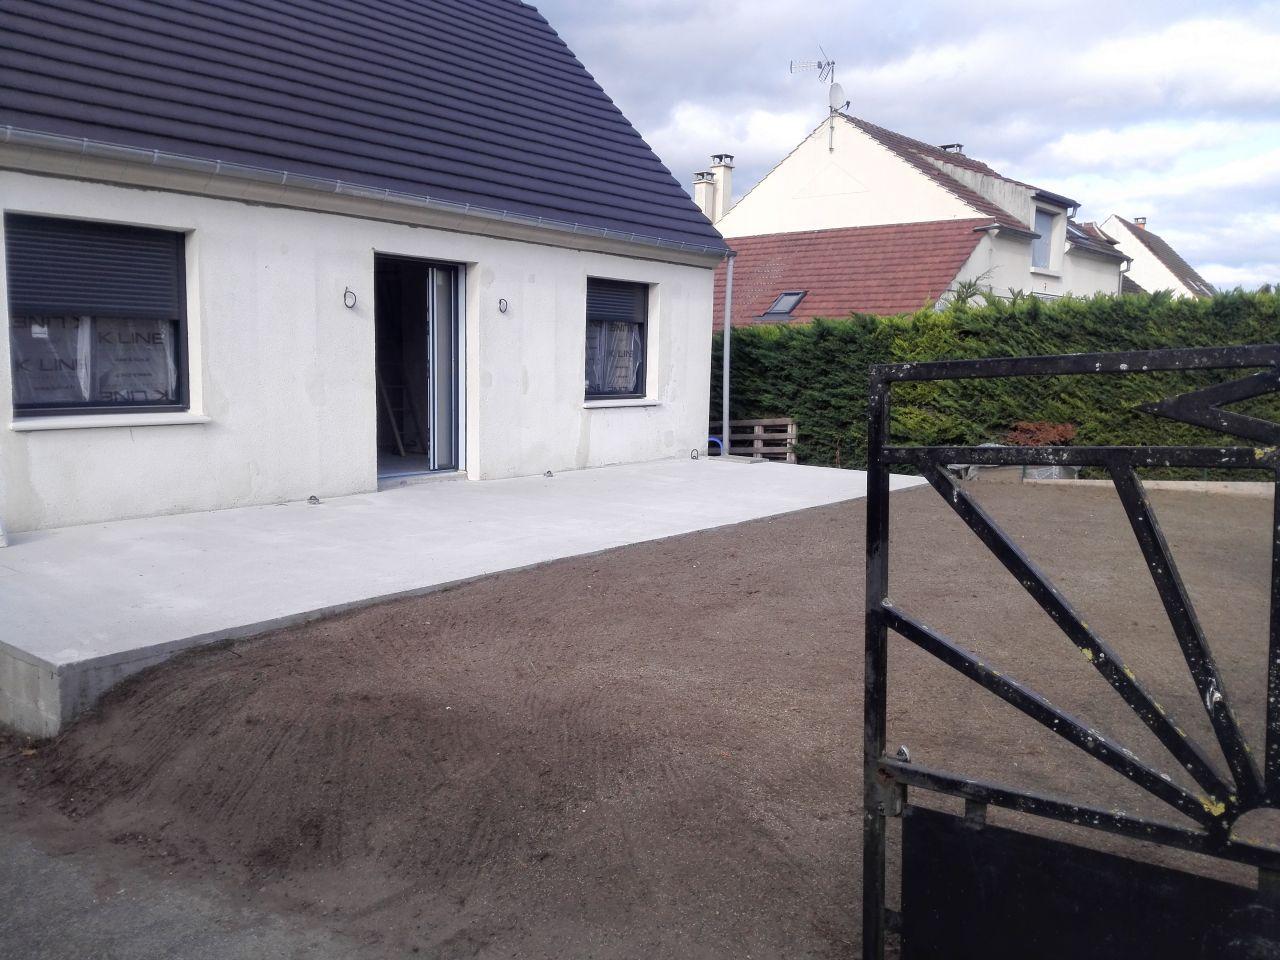 Terrain devant la maison